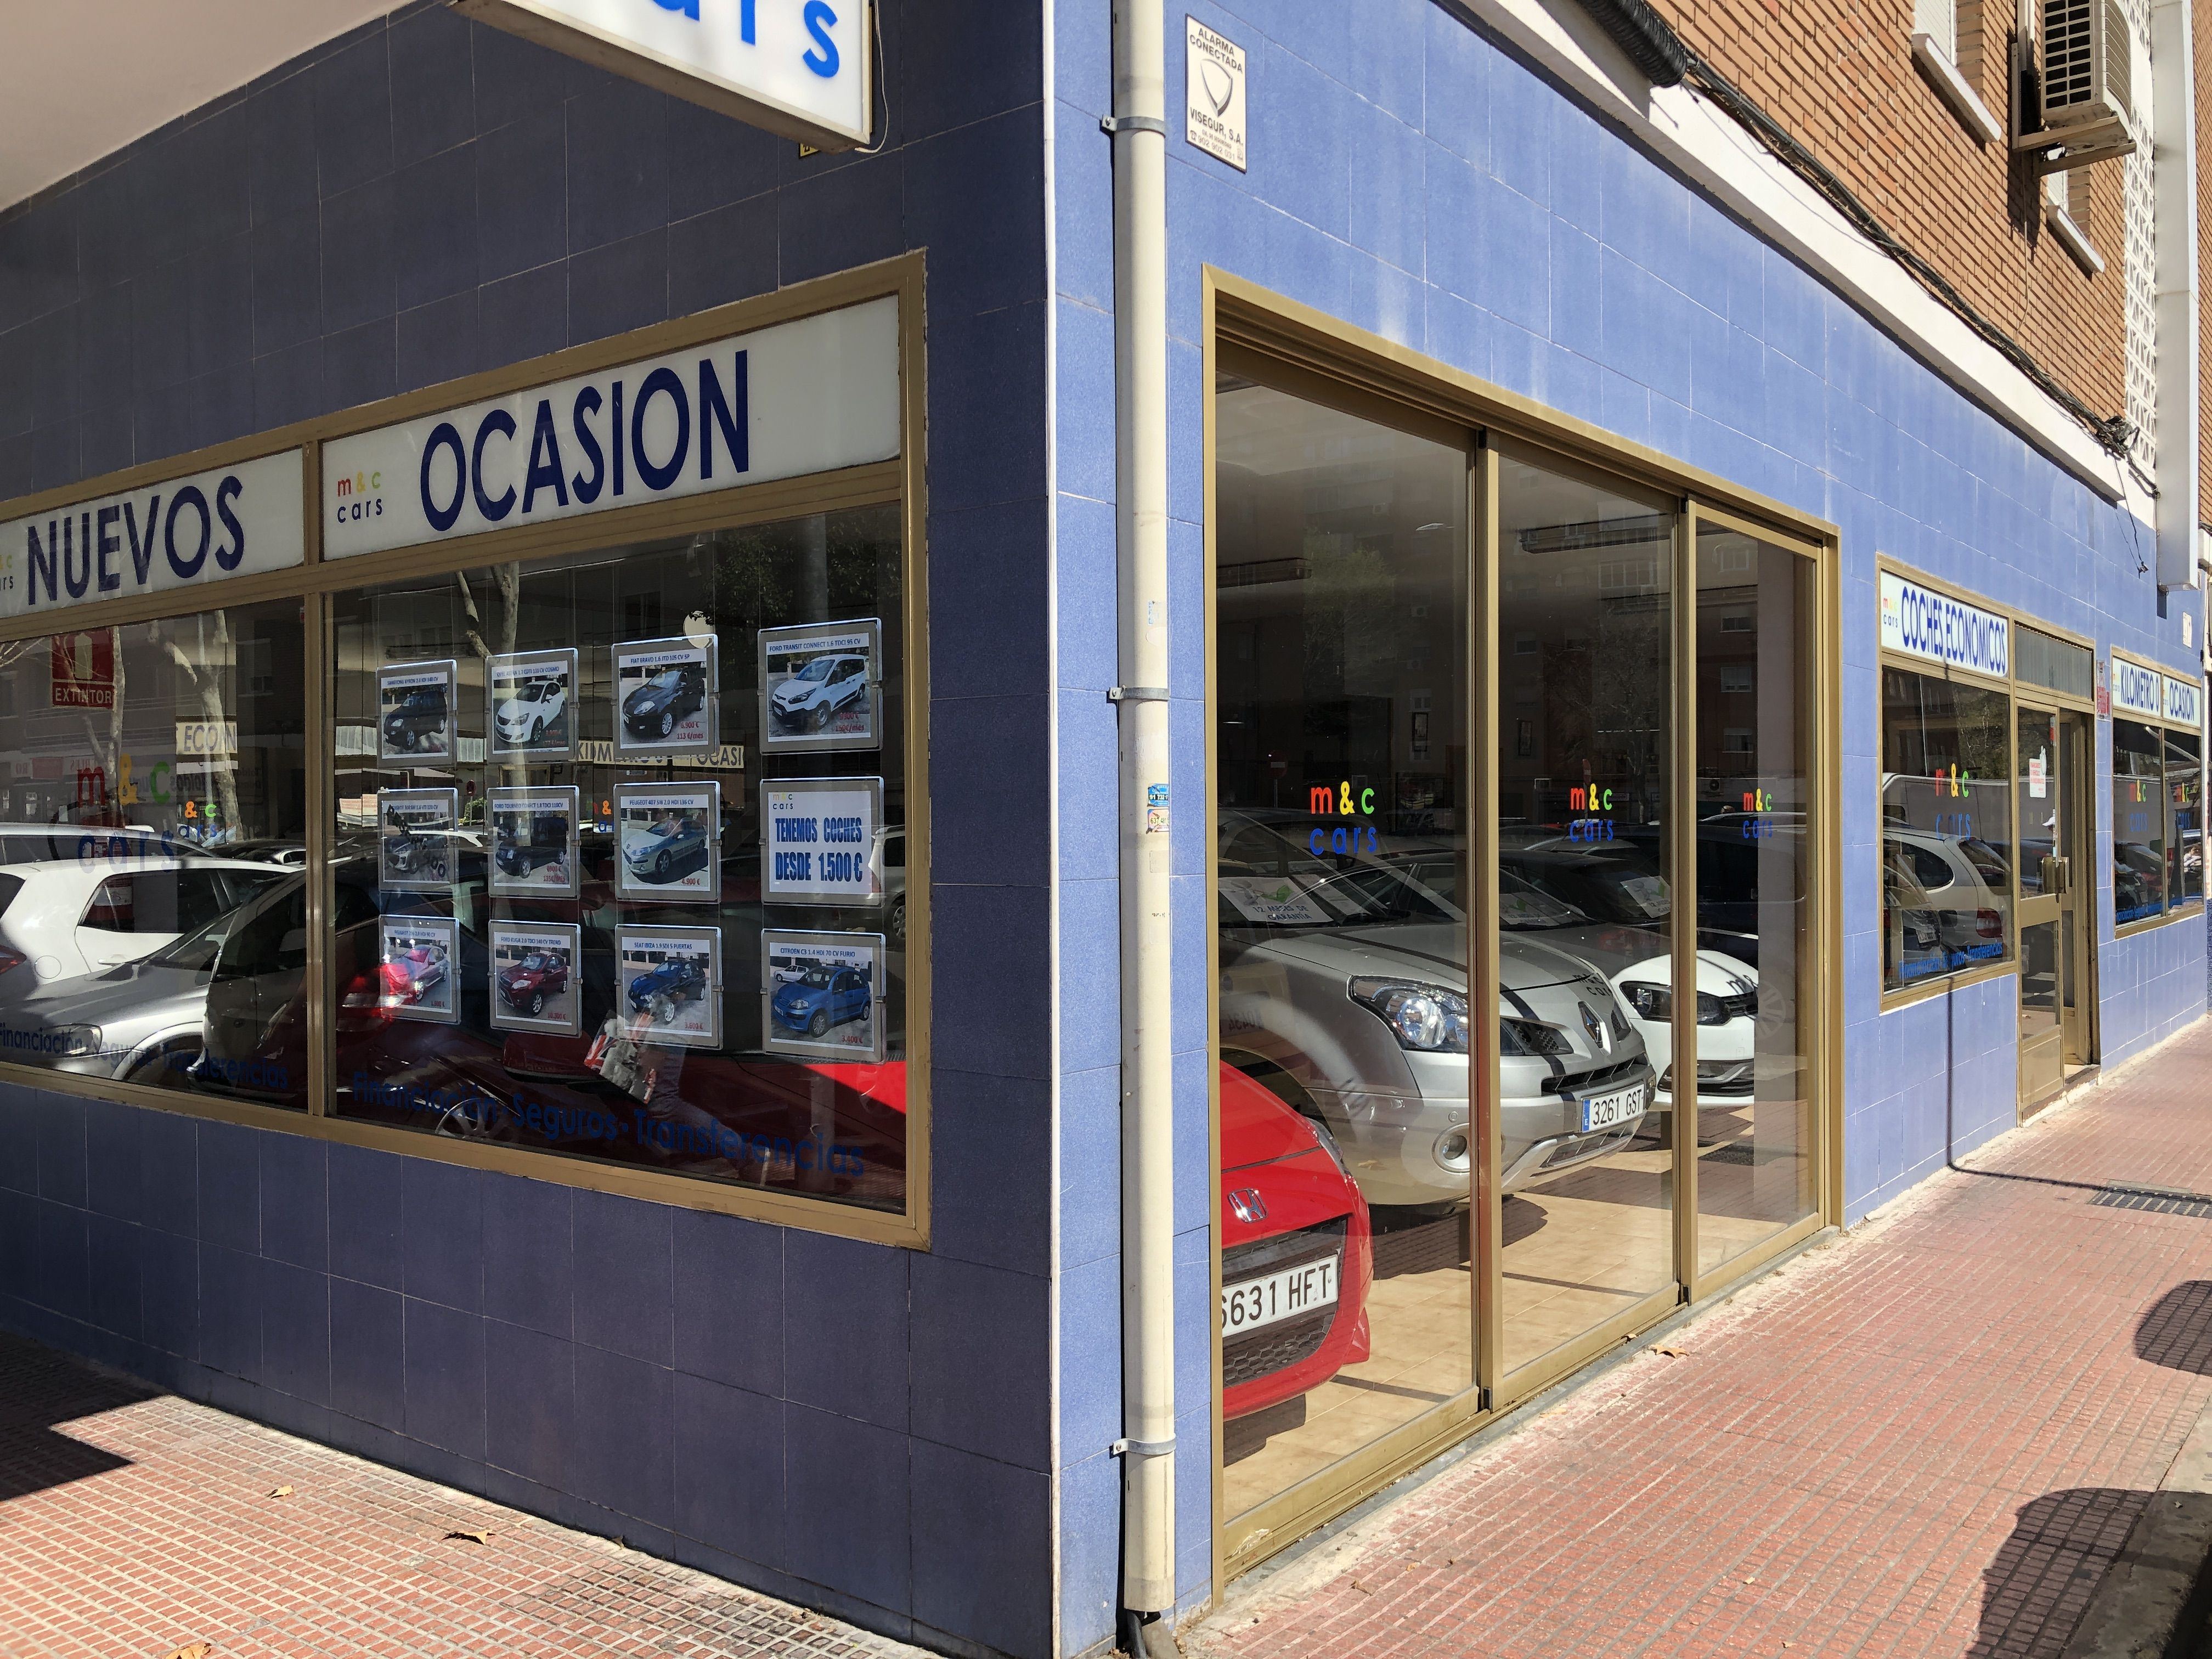 Venta de vehículos Nuevos en Alcalá de Henares